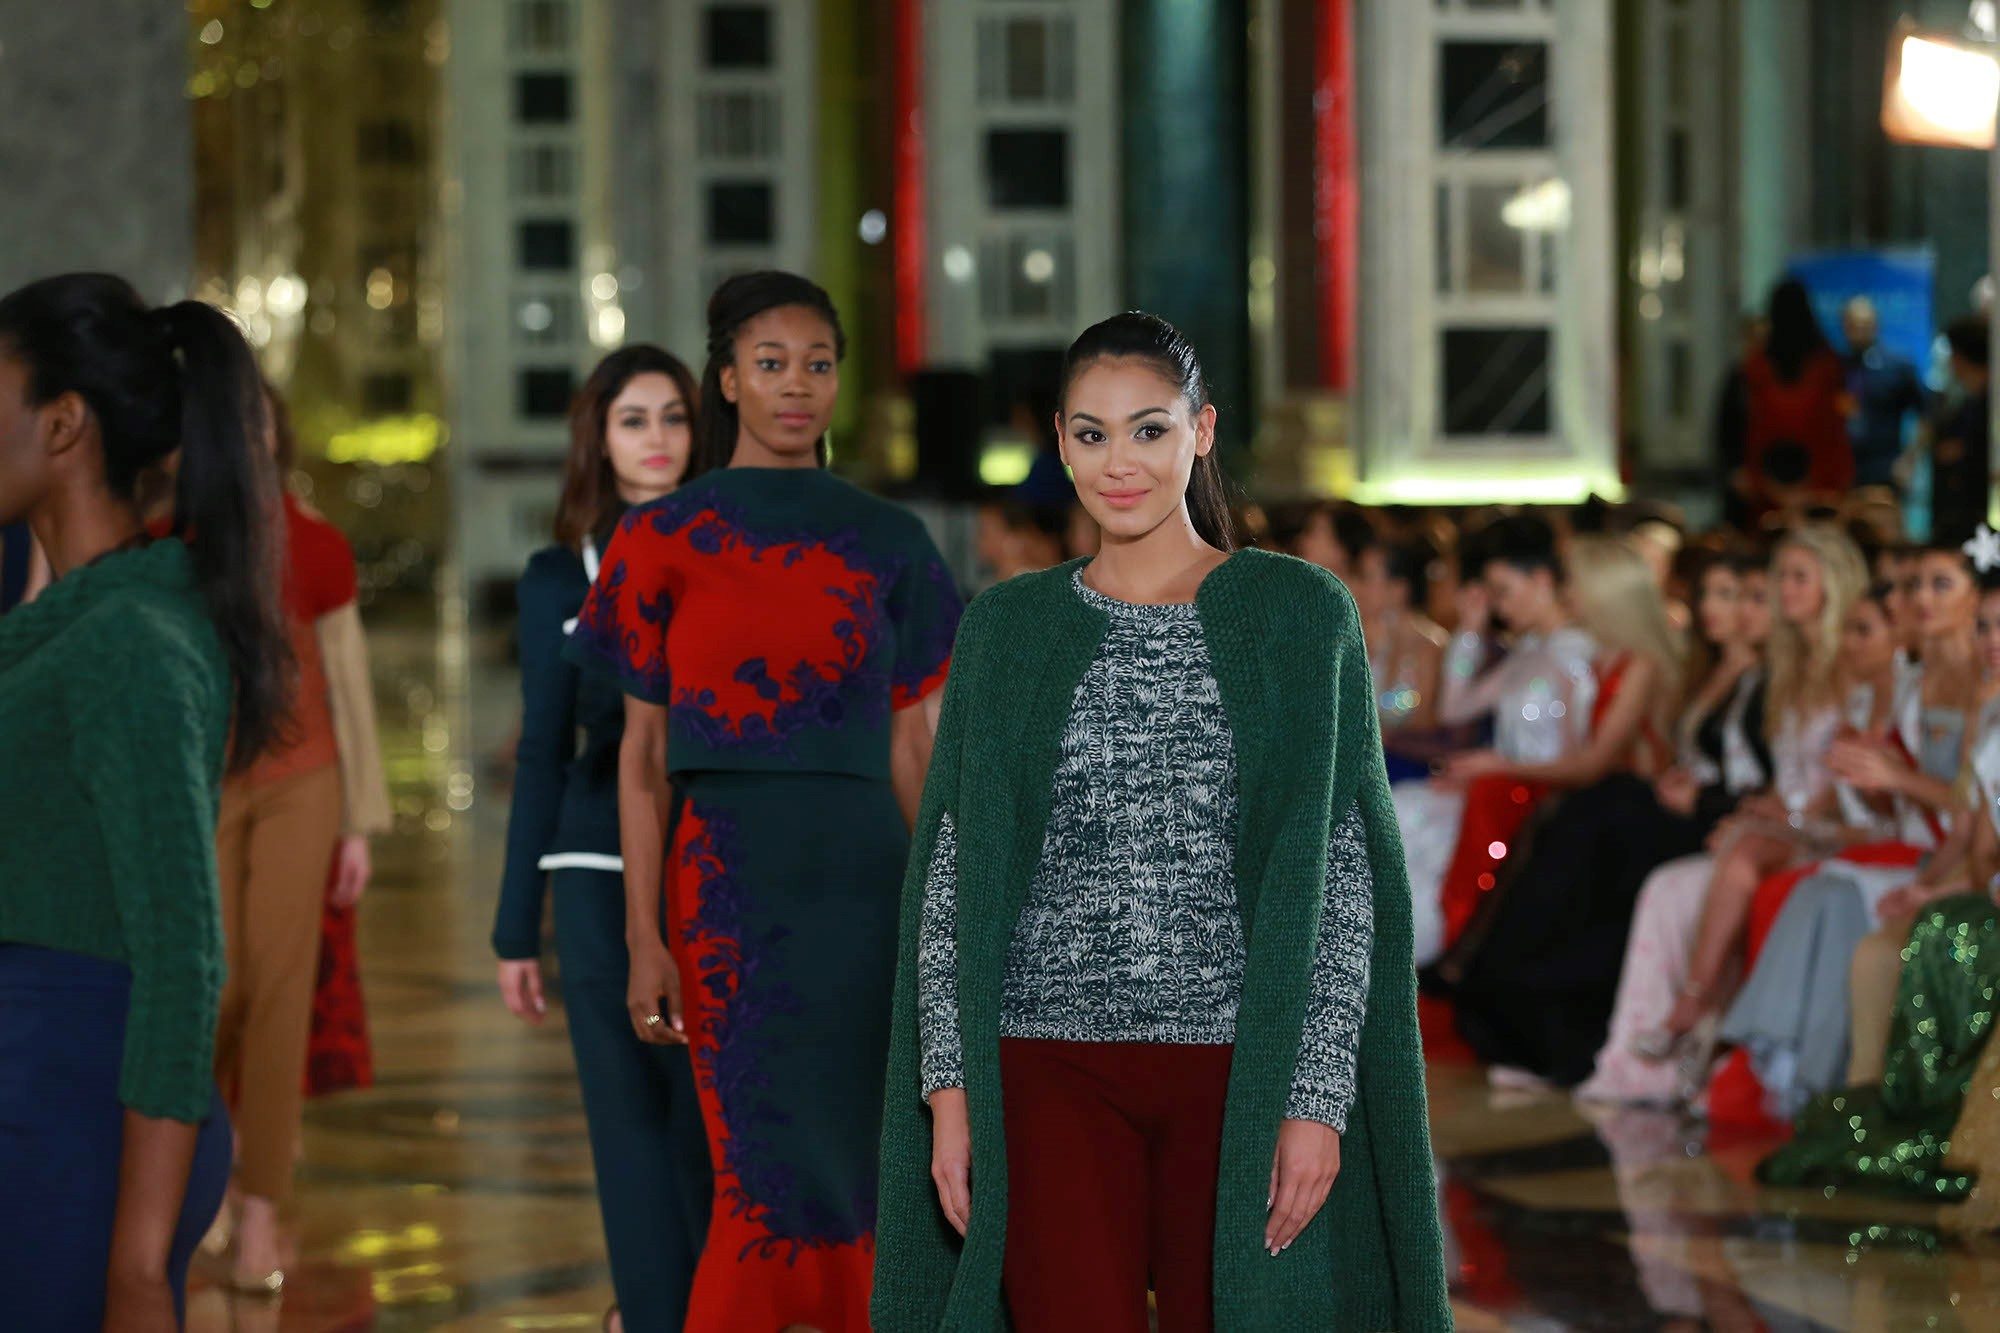 Pendant la finale de Miss Monde, tous les points seront comptés. Les meilleures candidates seront qualifiées pour la finale des finales, où elles devront répondre à une série de questions. Après ces questions, la favorite du public sera annoncée et rejoindra les finalistes.